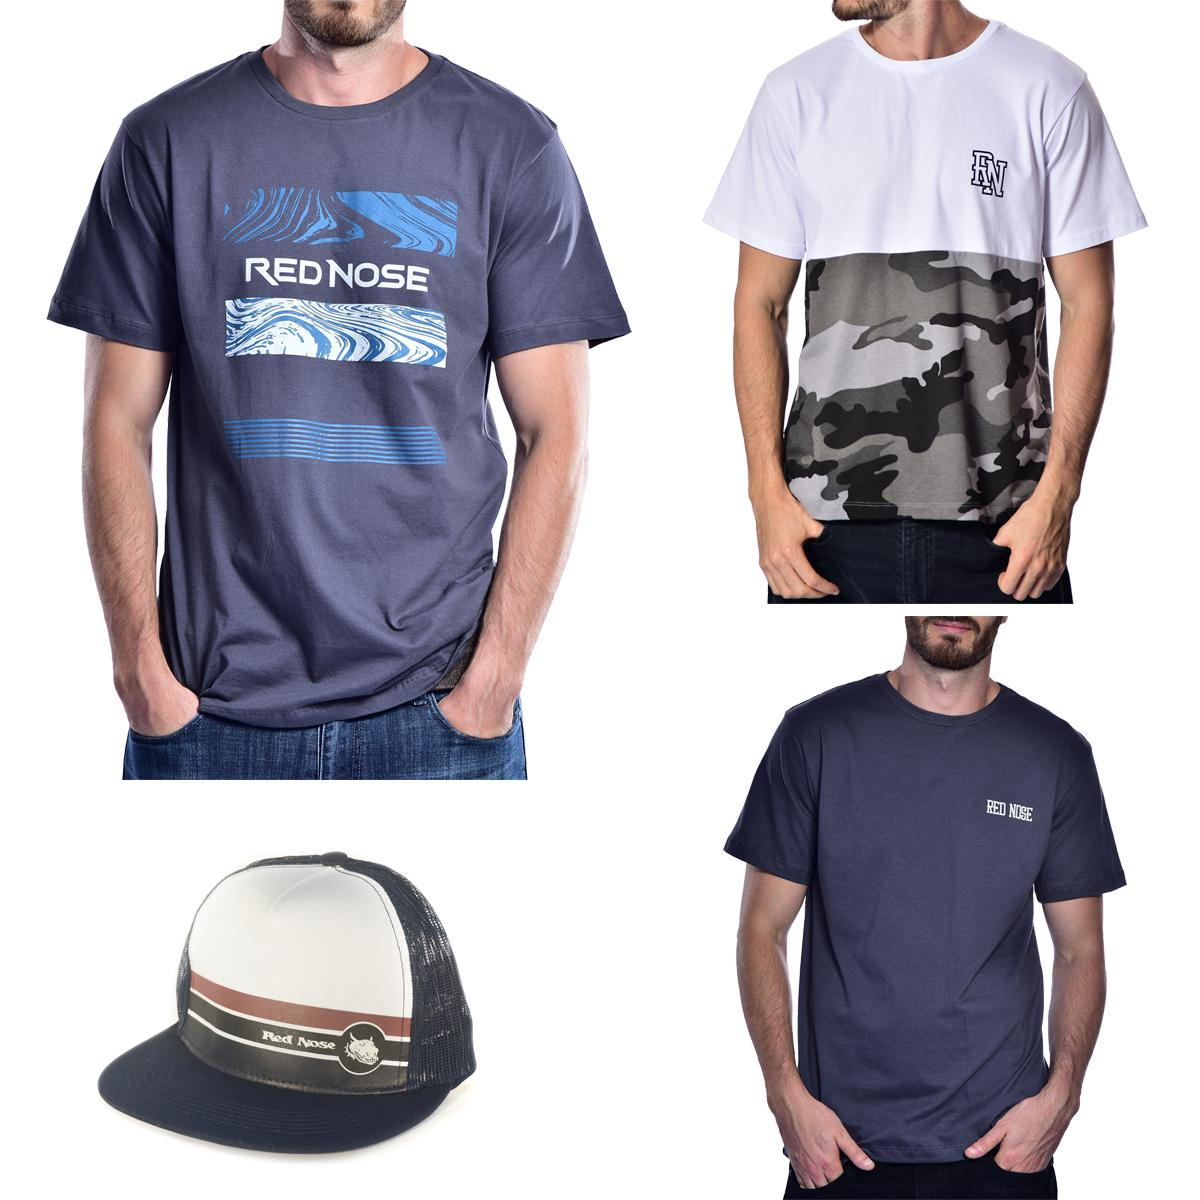 KIT 3 Camisetas e Boné Red Nose - Cinza e Branco e Cinza P